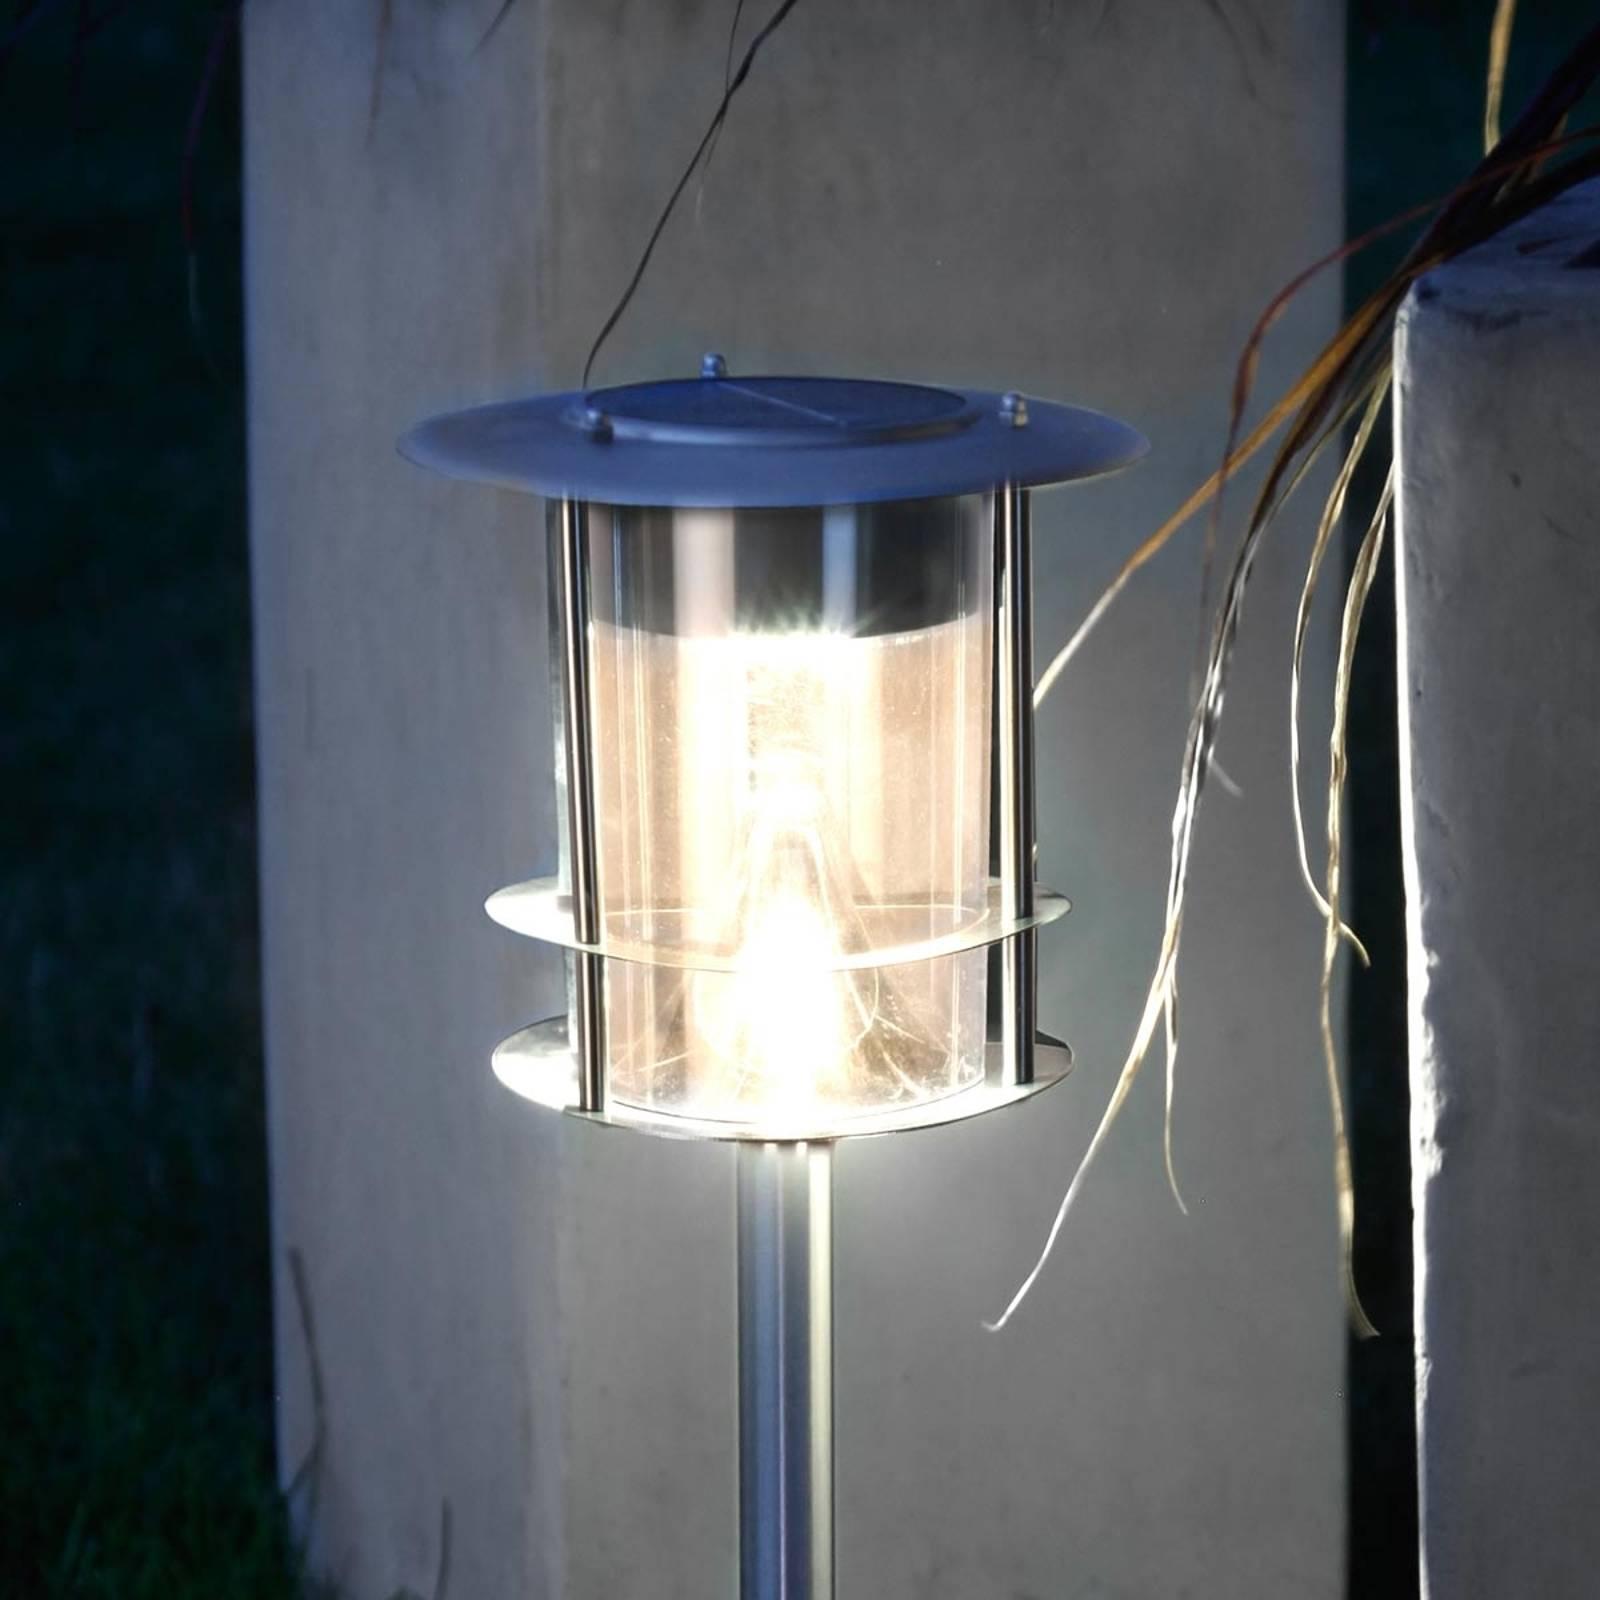 Lampa solarna LED Garden Stick z grotem ziemnym